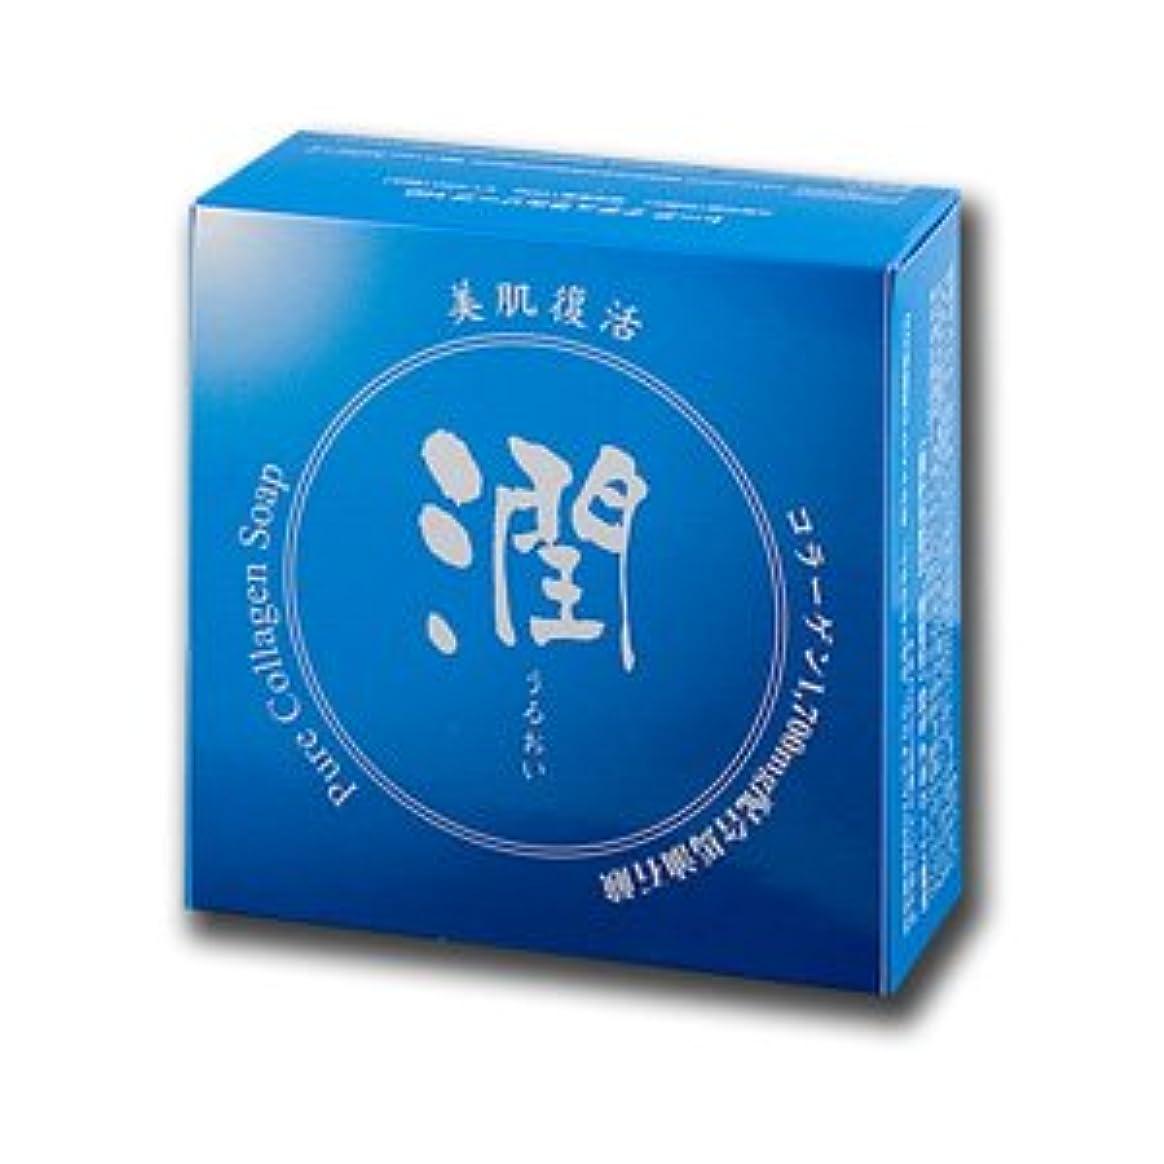 盲目軽食取り壊すコラーゲン馬油石鹸 潤 100g (#800410) ×8個セット